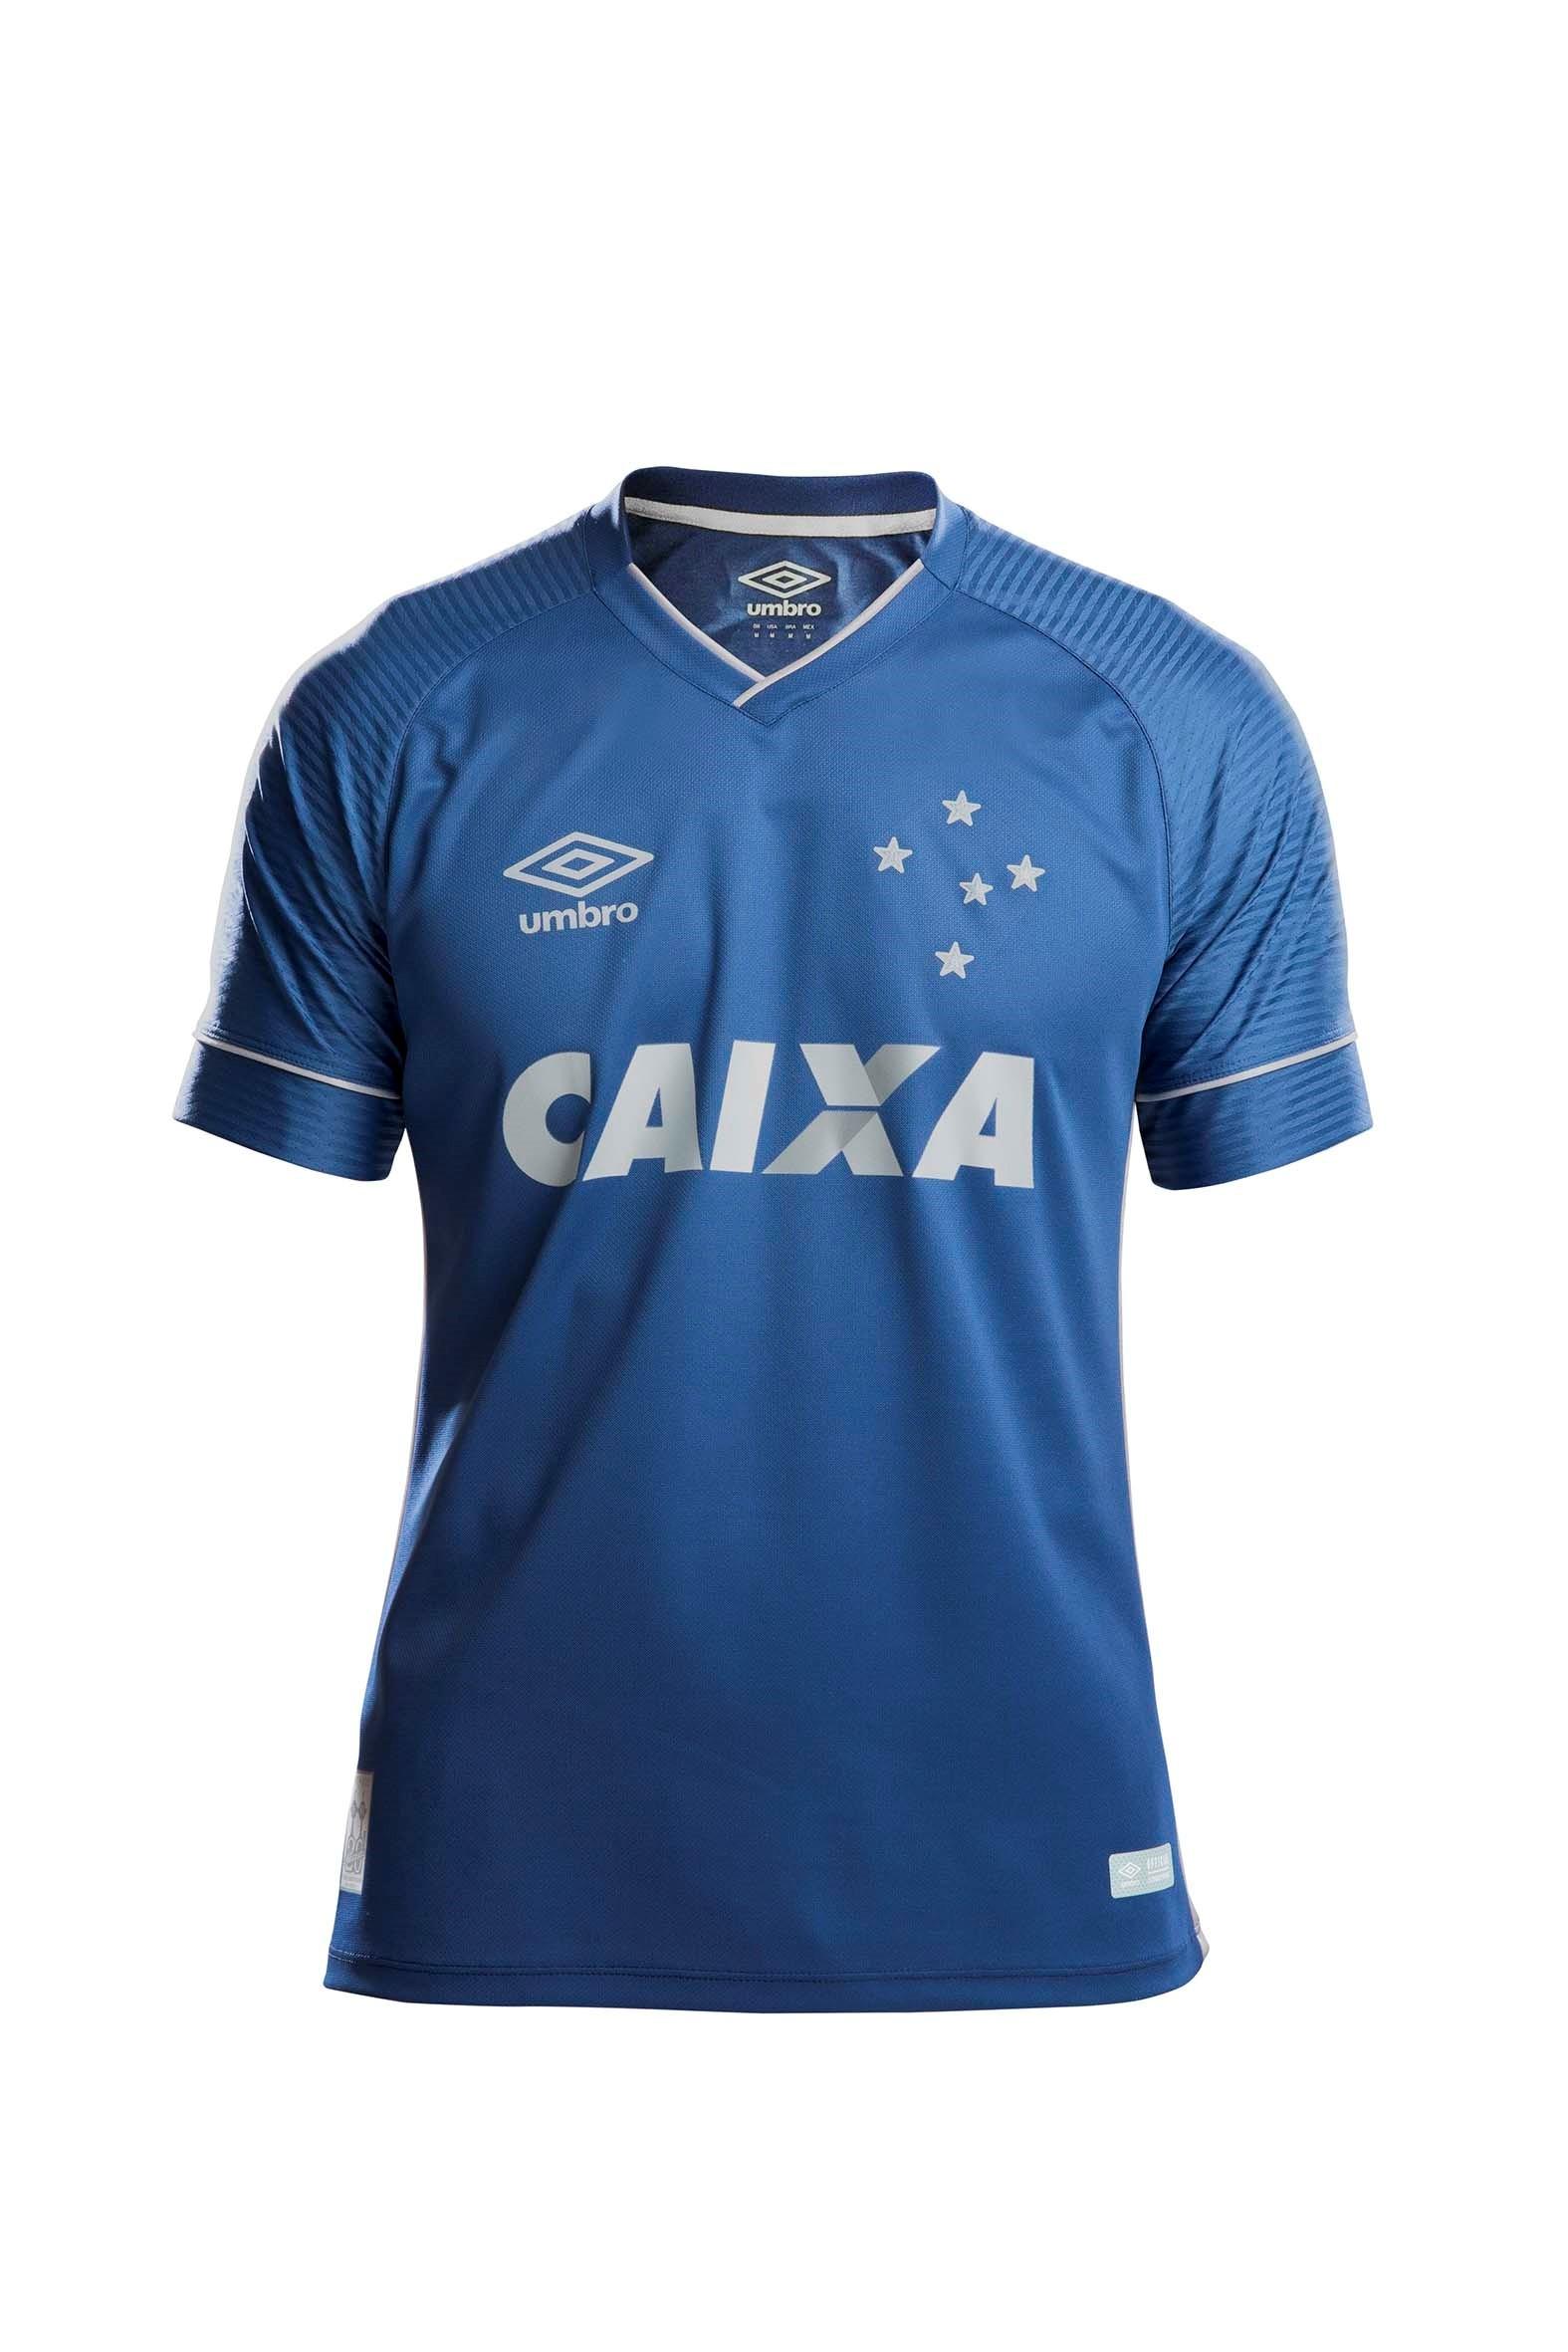 Cruzeiro homenageia 20 anos do bi da Libertadores em nova camisa 3 ... 5d5eca3f54edf